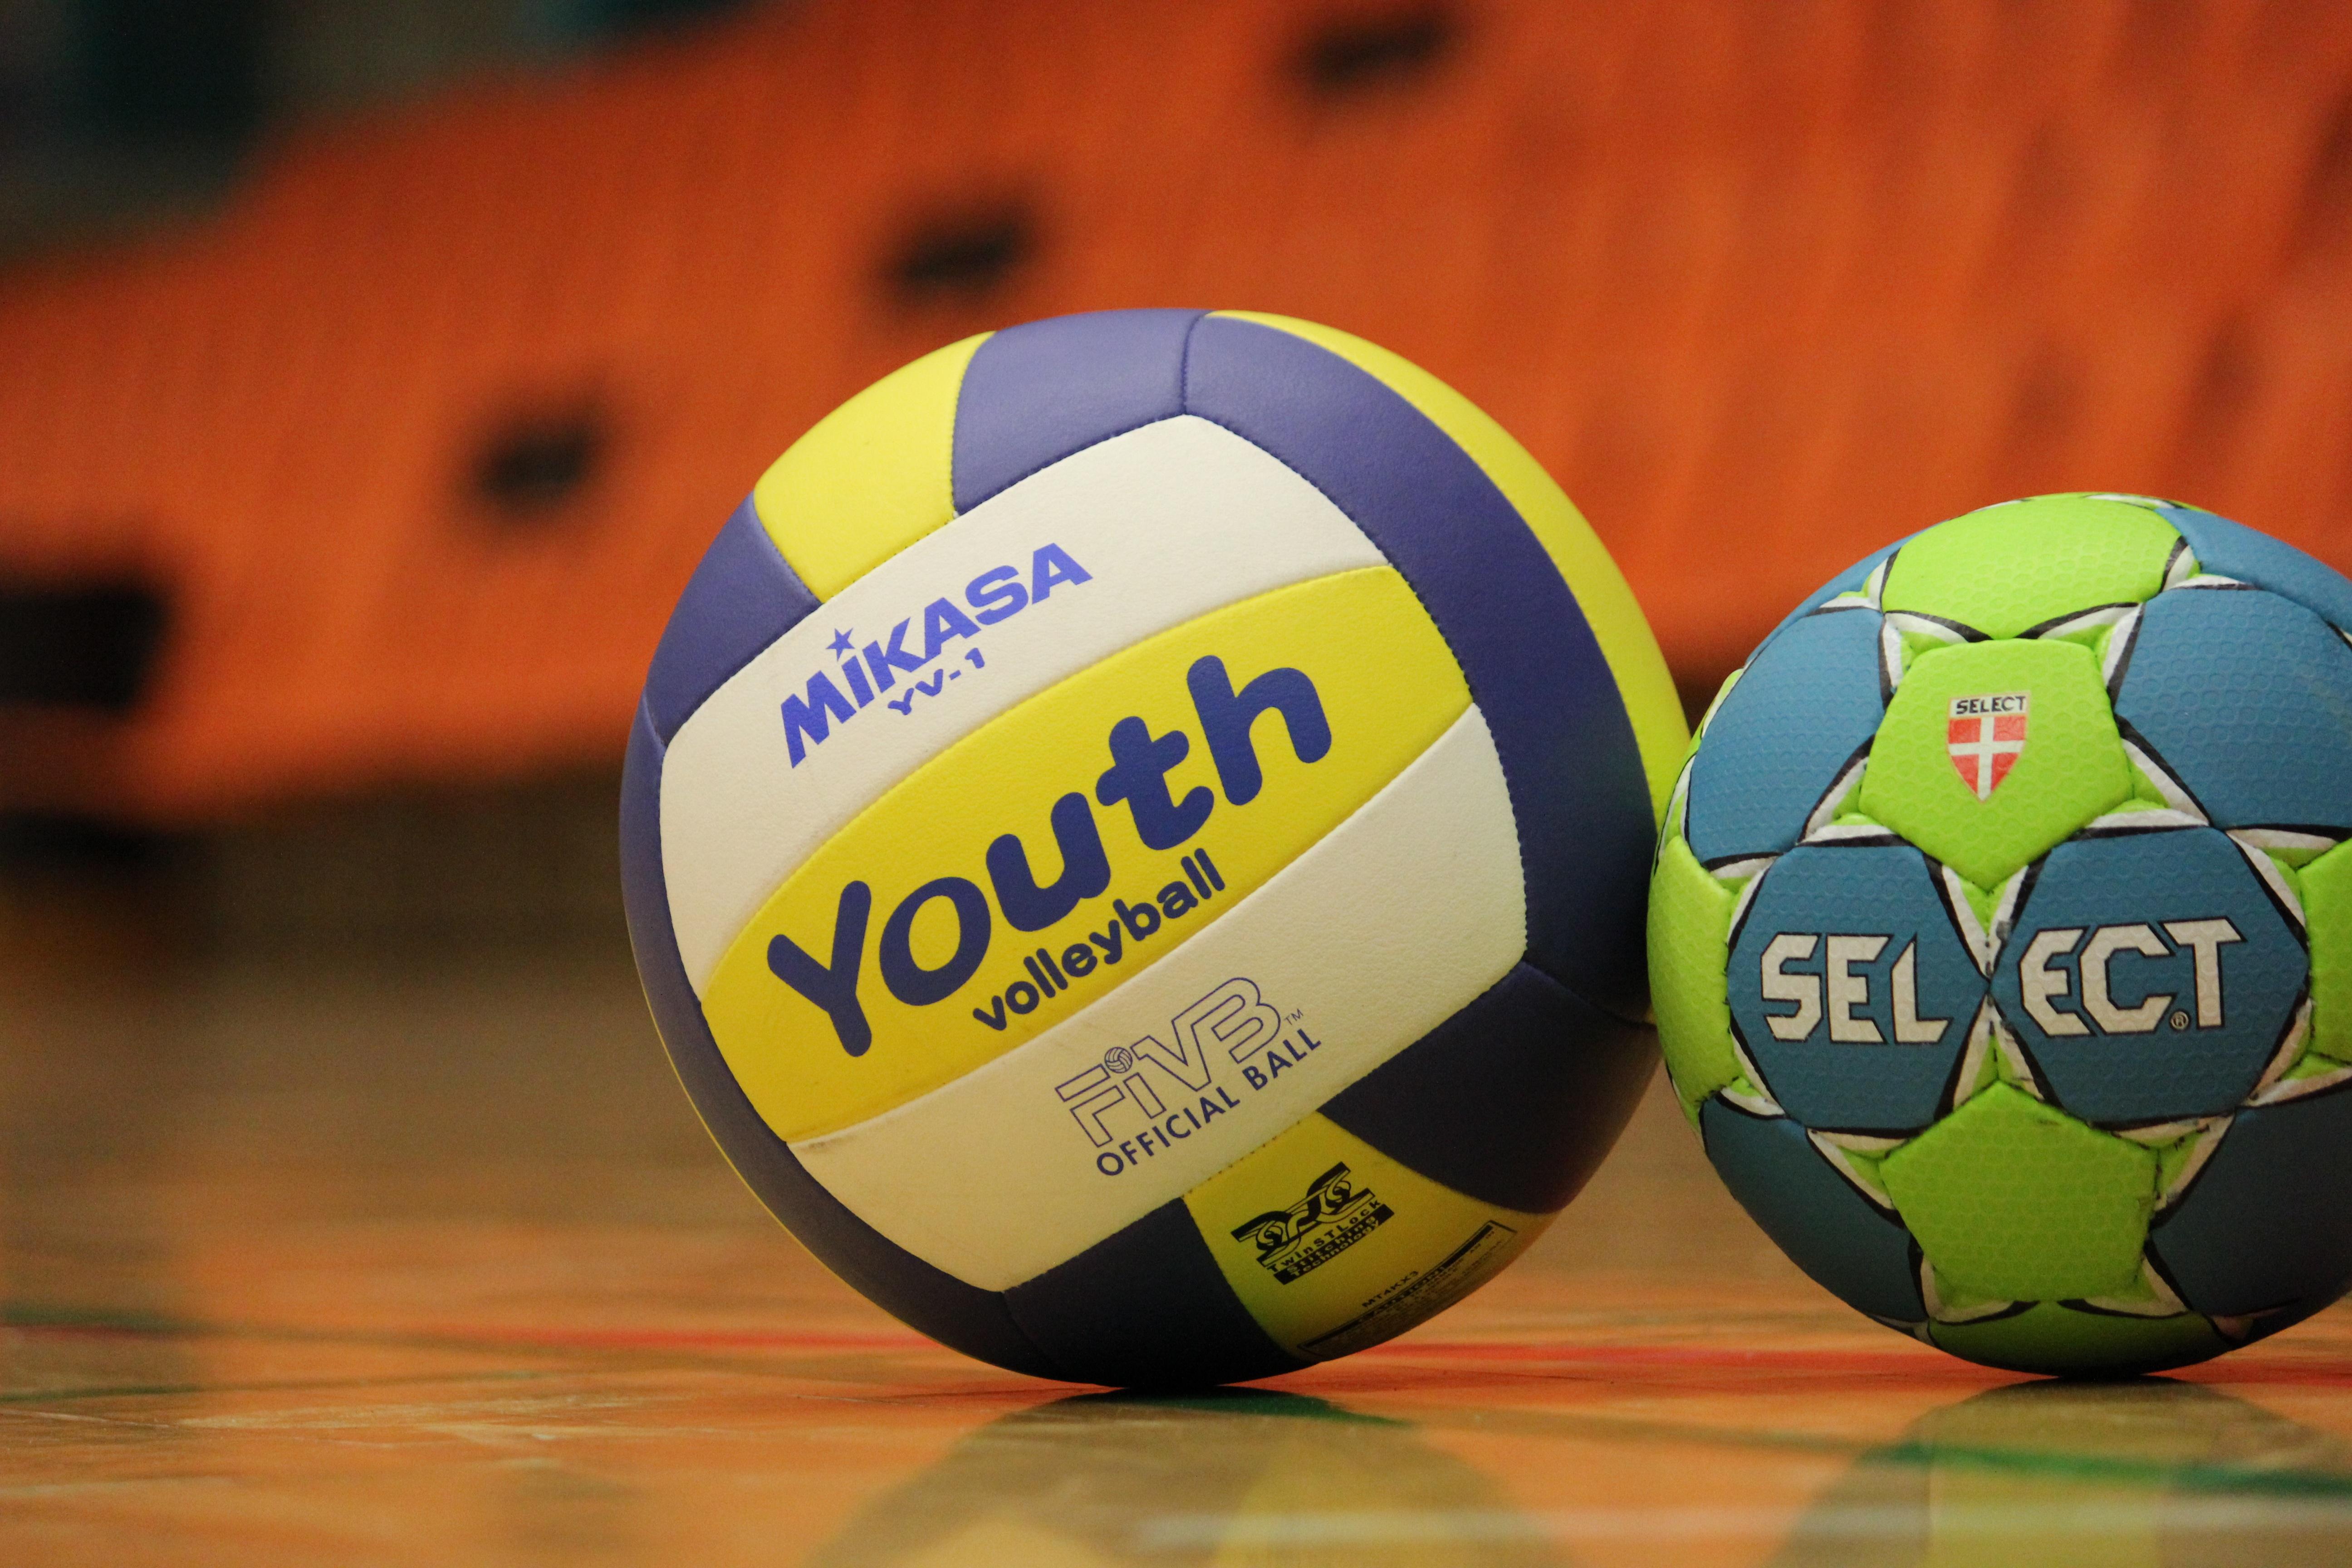 hình ảnh : đại sảnh, đào tạo, màu vàng, bóng đá, mục tiêu, thiết bị thể thao, các môn thể thao, trái bóng, Bóng chuyền, bóng ném, Halgulv 5184x3456